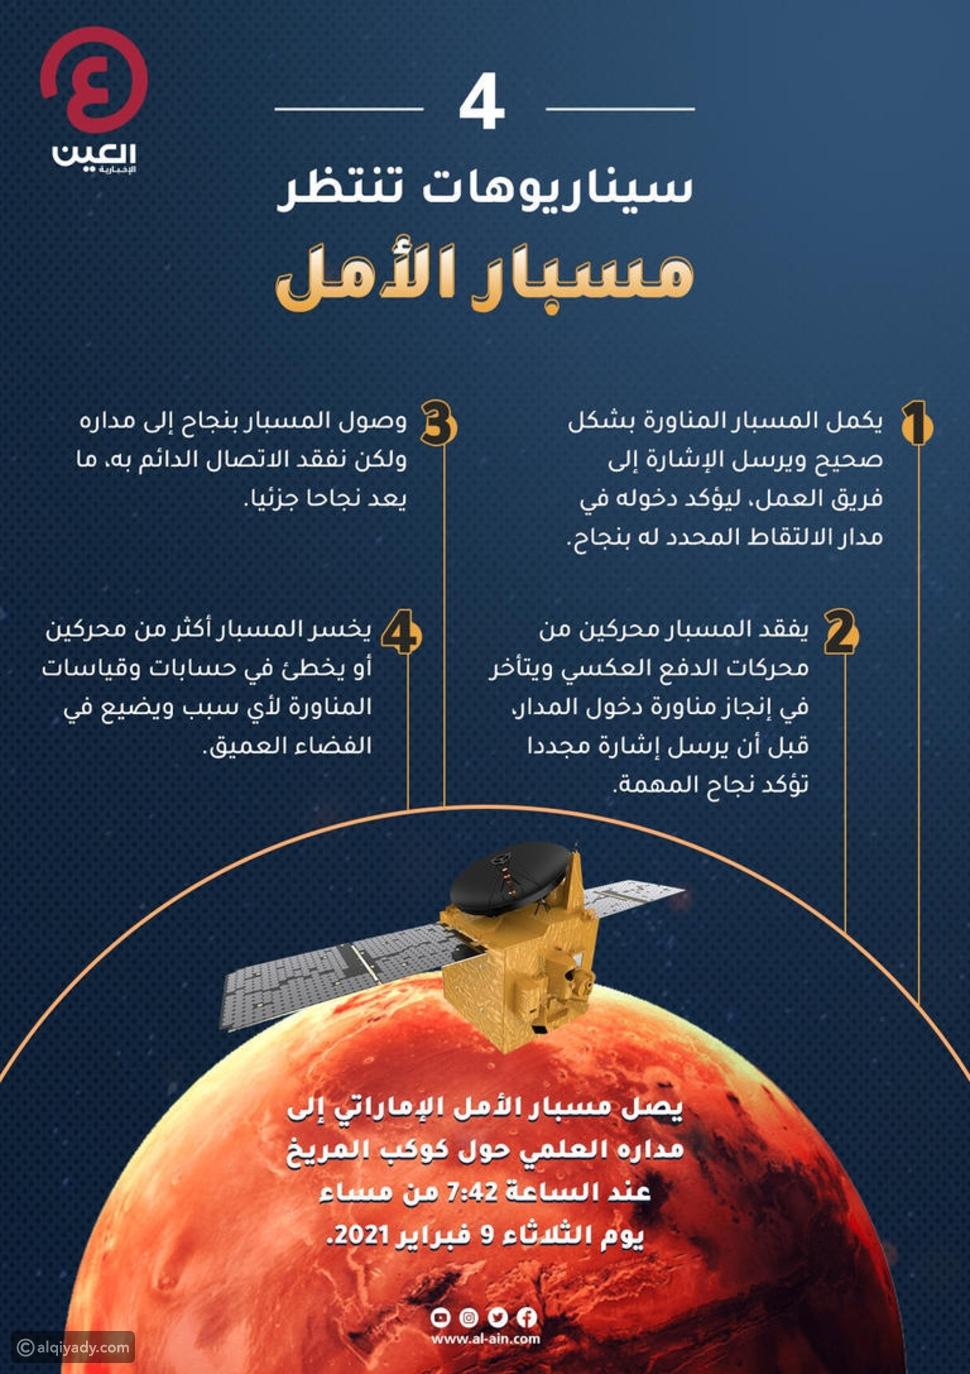 مسبار الأمل: 4 سيناريوهات محتملة عند اقترابه من مدار المريخ